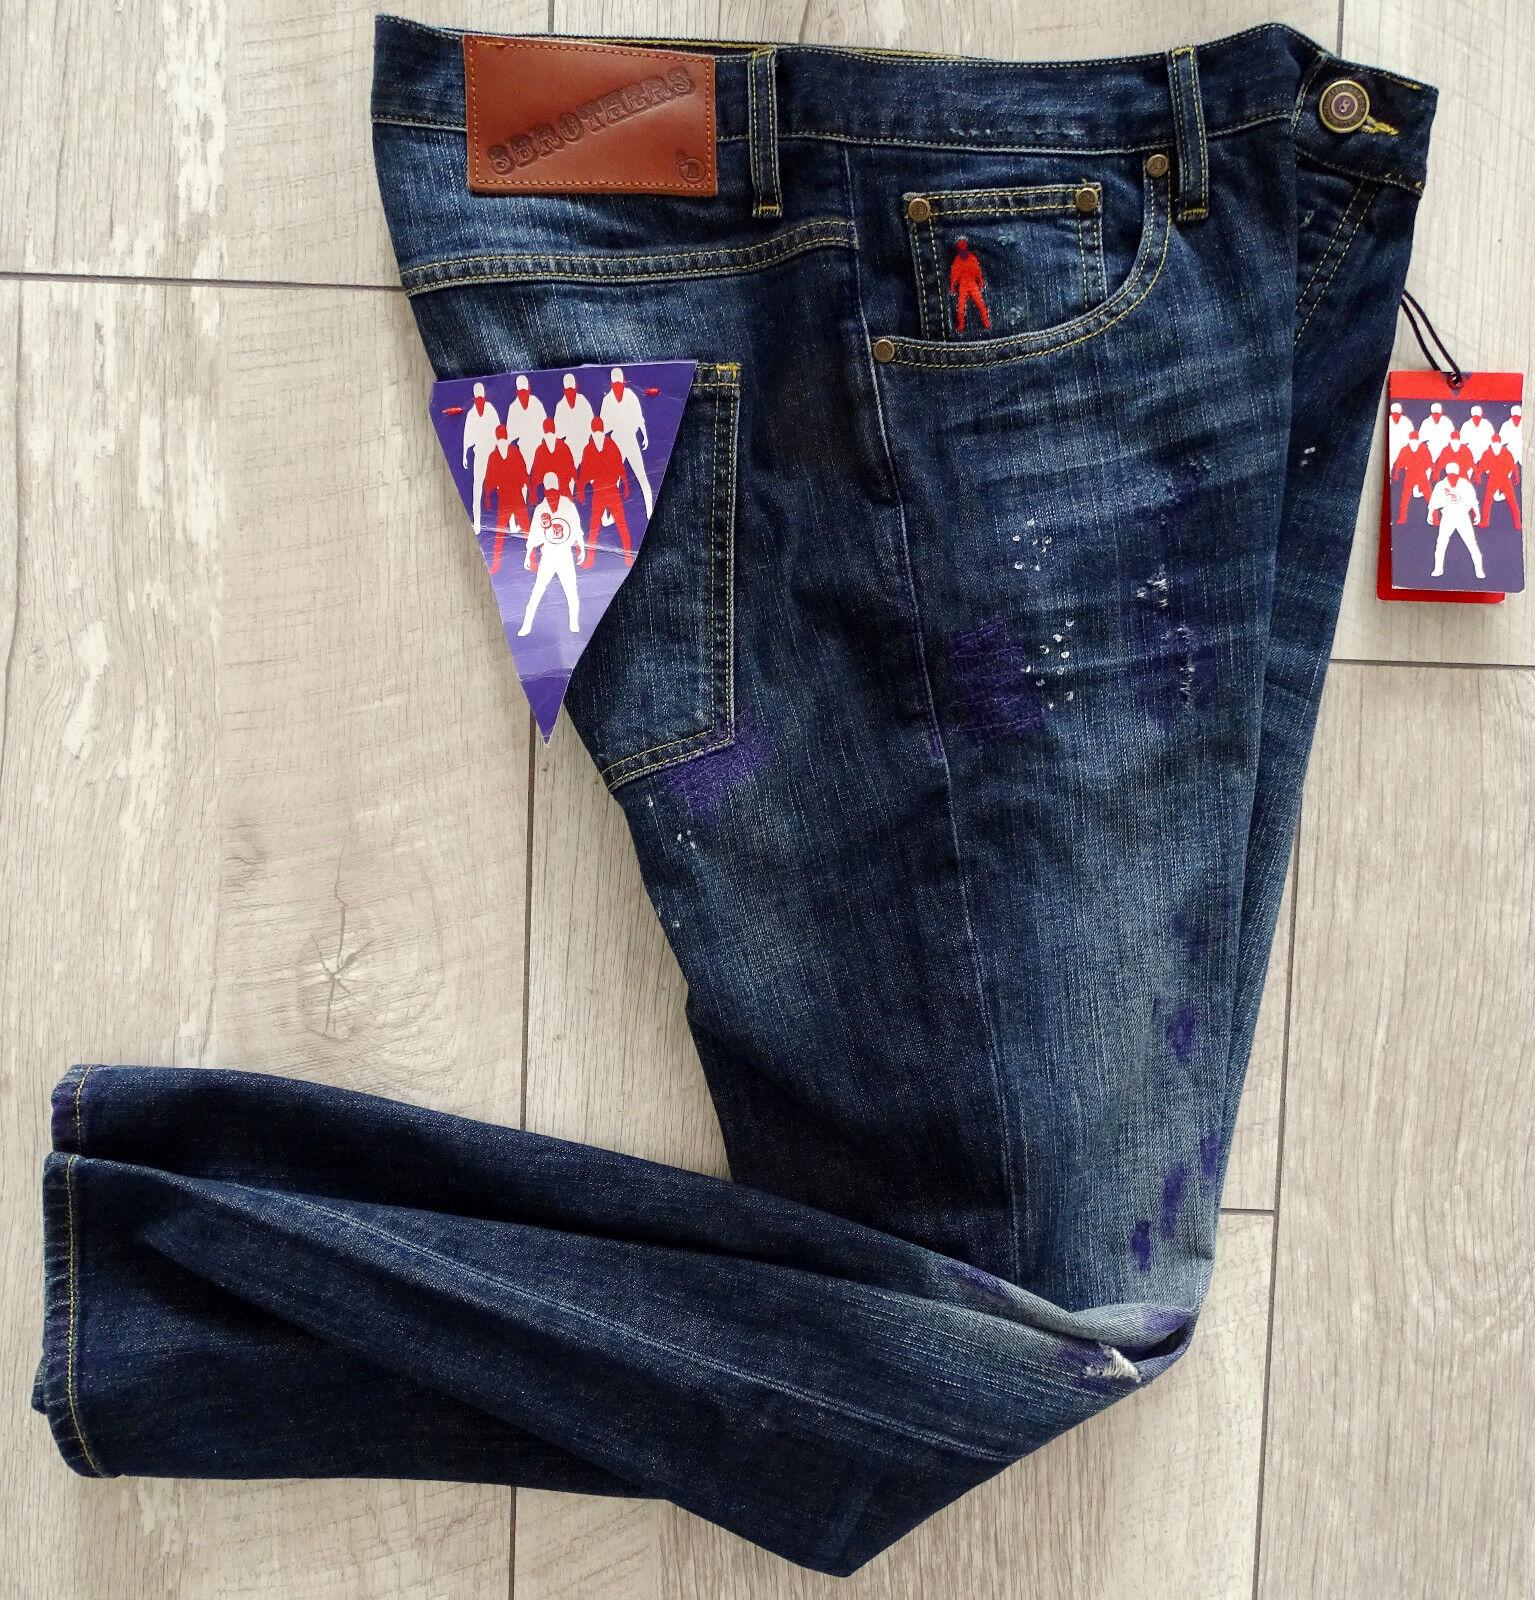 8BROTHERS EDOARDO Designer Jeanshose Herren Luxus Gr.34 Blau NEU mit ETIKETT